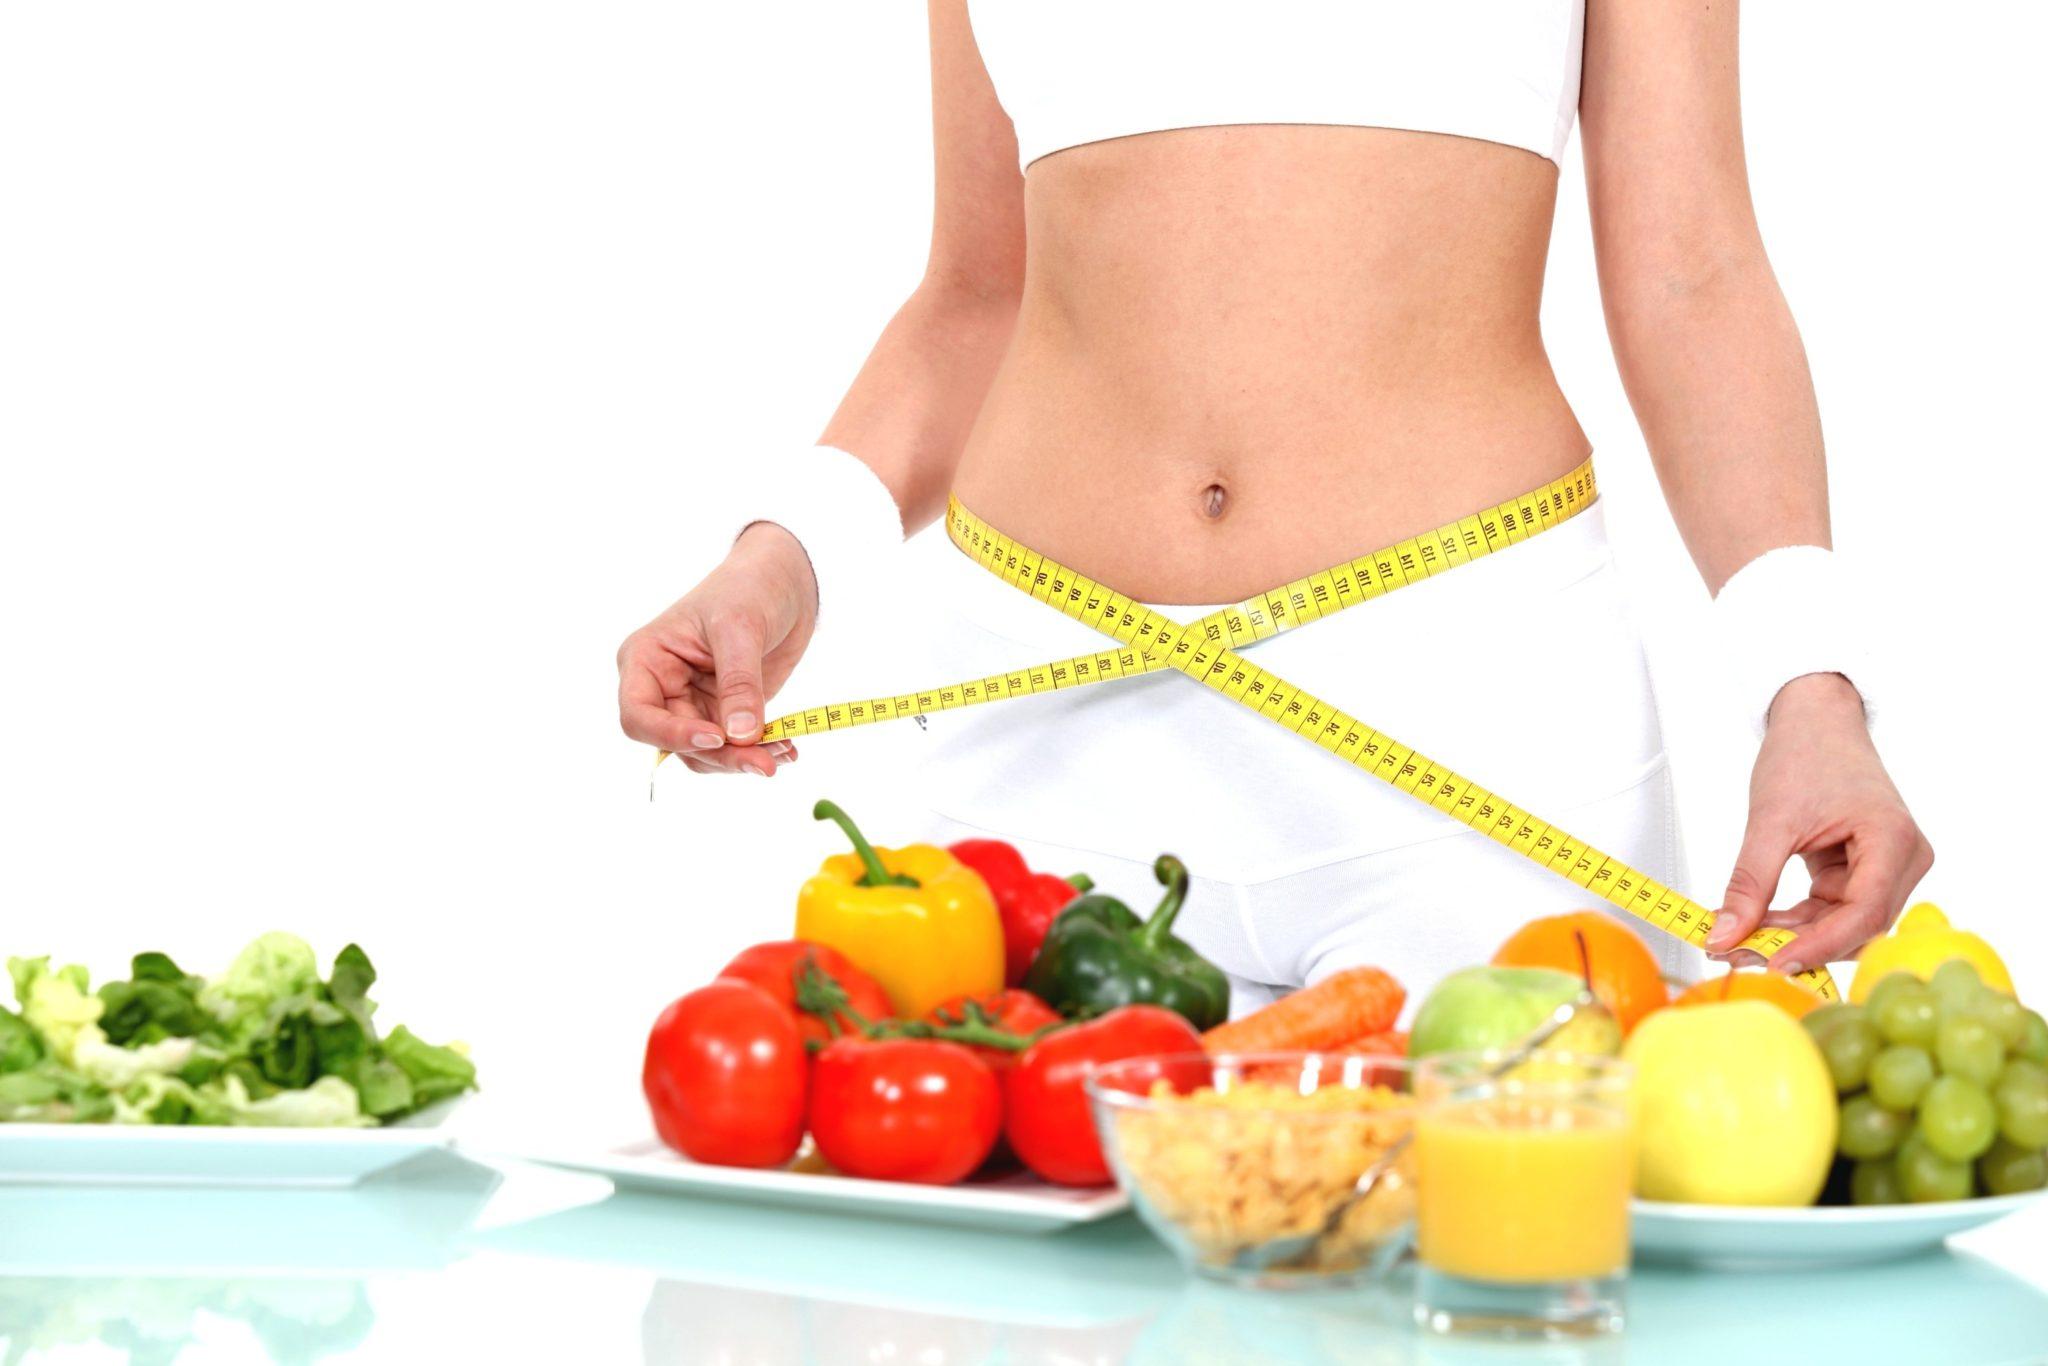 Ramazanda kilo vermek ile Etiketlenen Konular 75